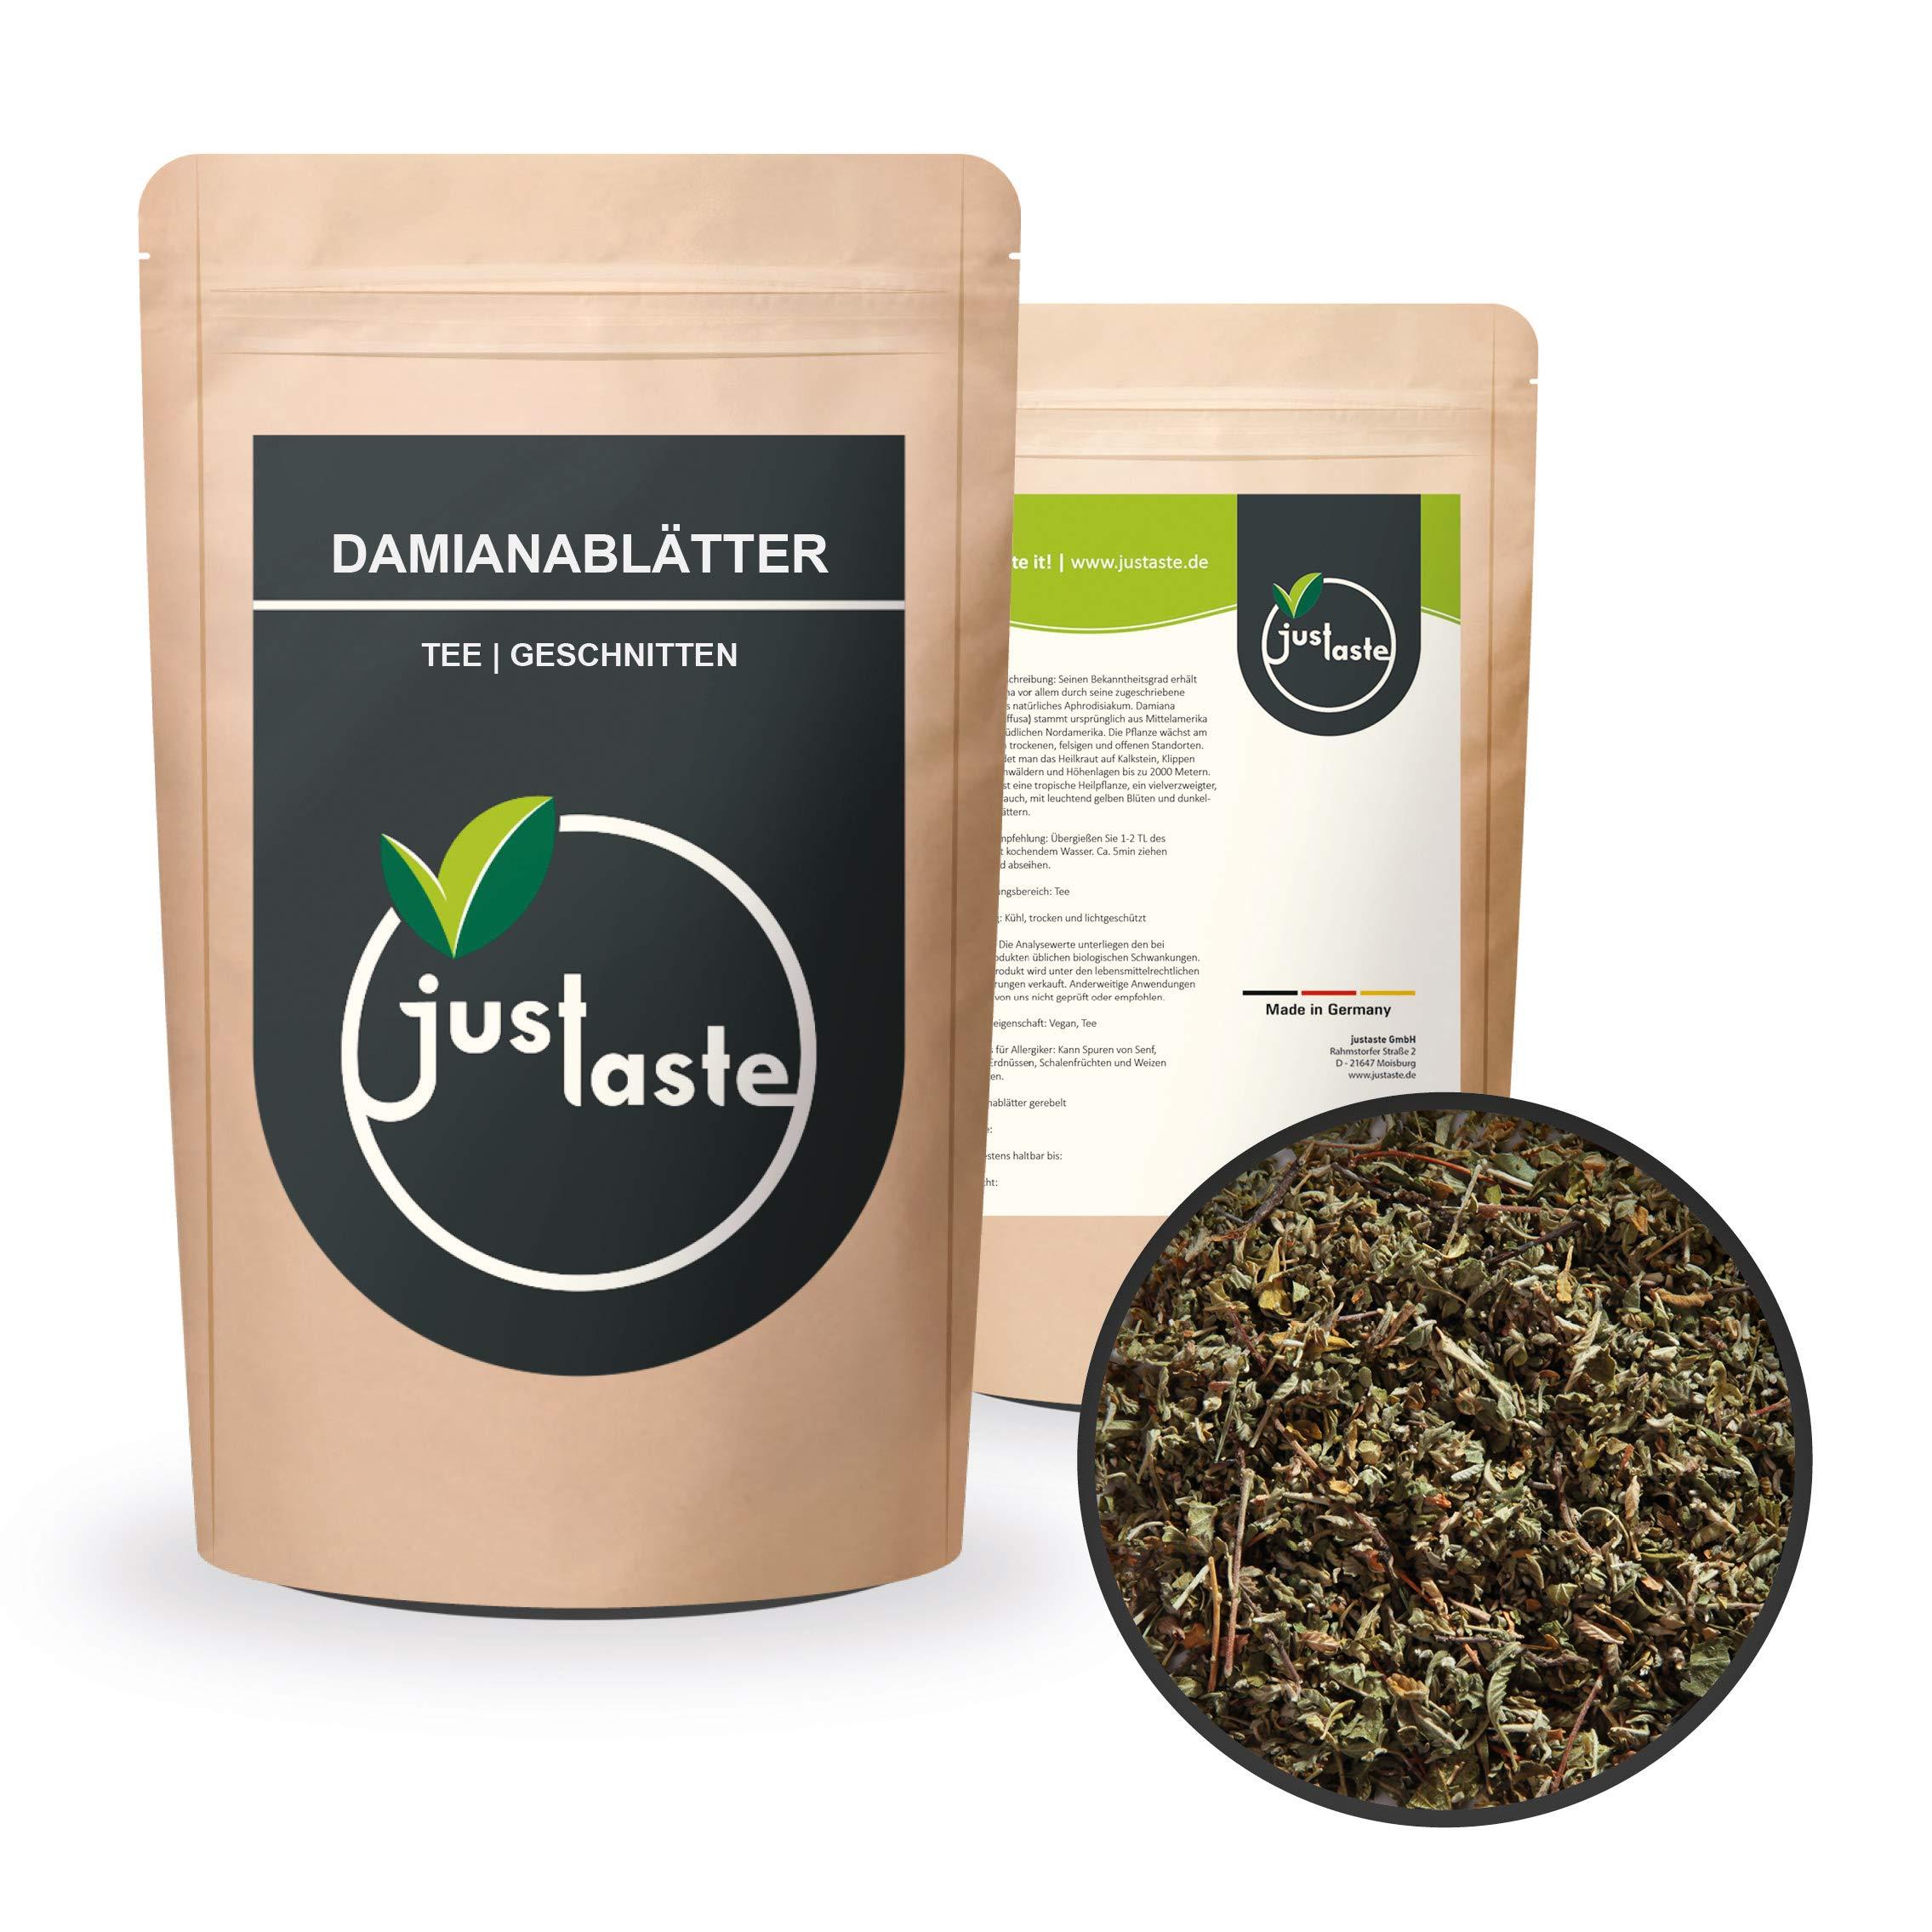 200-g-Damianabltter-Damiana-Tee-geschnitten-Rucherwerk-justaste-Scutellaria-lateriflora-ruchern